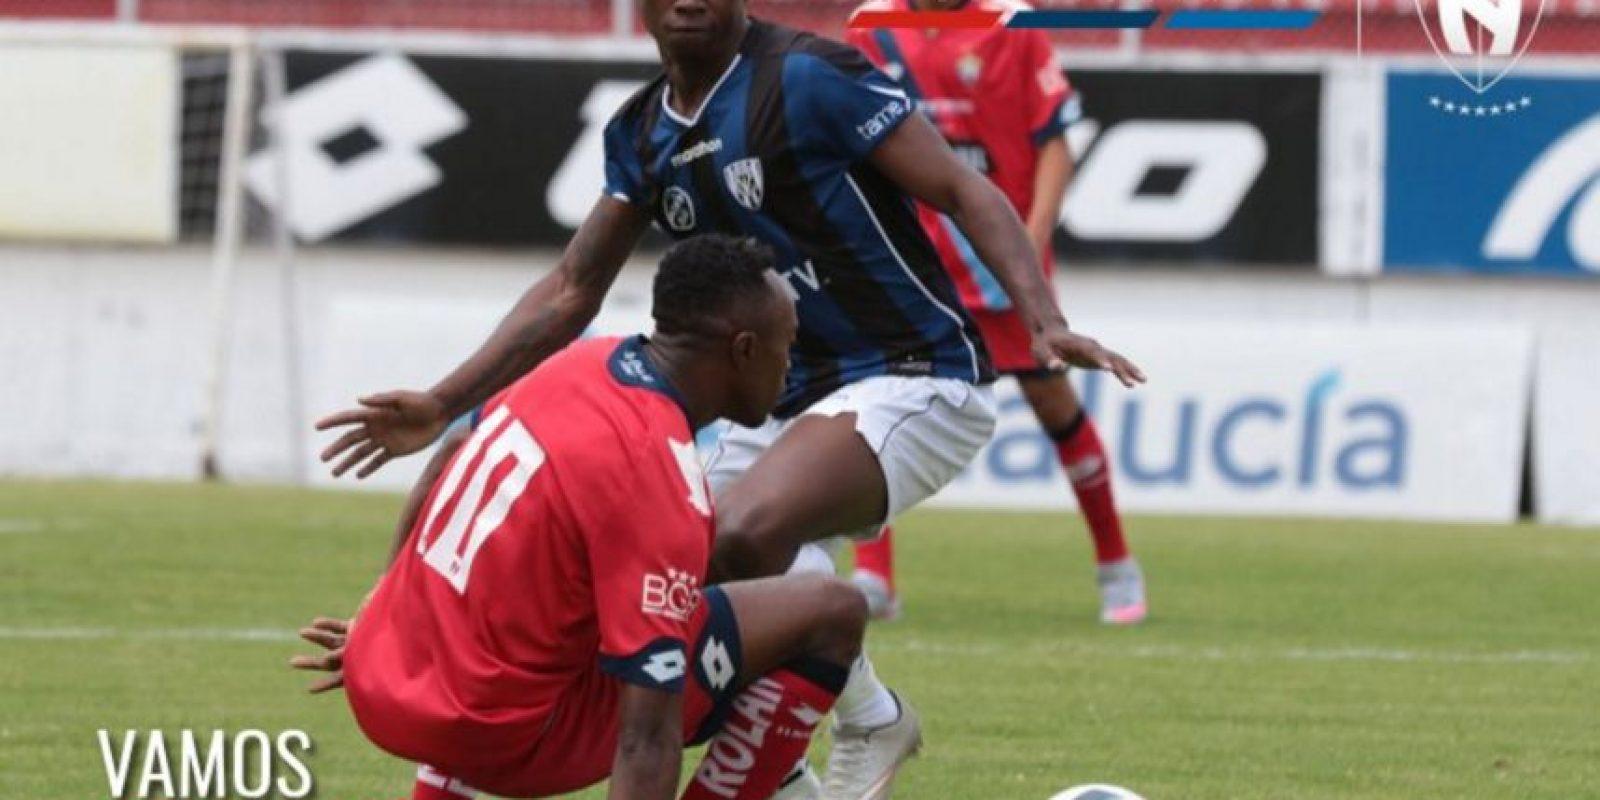 Sin embargo, antes de su partido por la Libertadores, Independiente del Valle tuvo que jugar con suplentes por el torneo nacional Foto:Twitter El Nacional